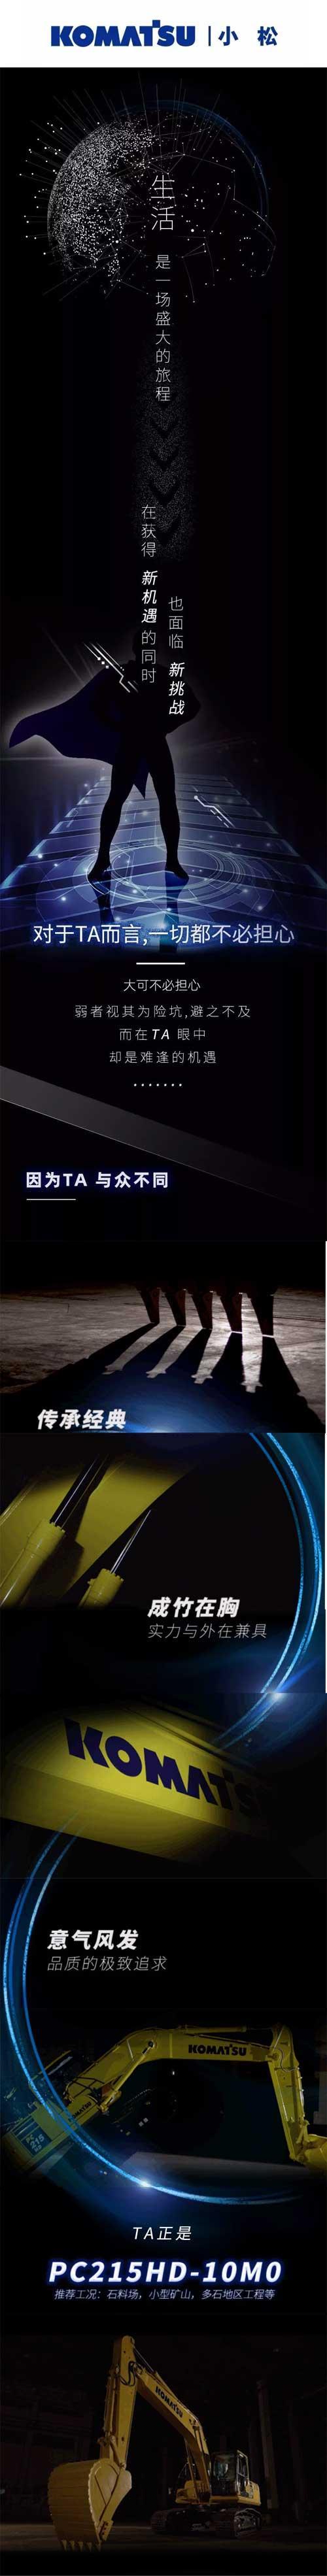 让全新PC215HD<a href=http://product.d1cm.com/wajueji/ target=_blank>挖掘机</a>教你如何圈粉